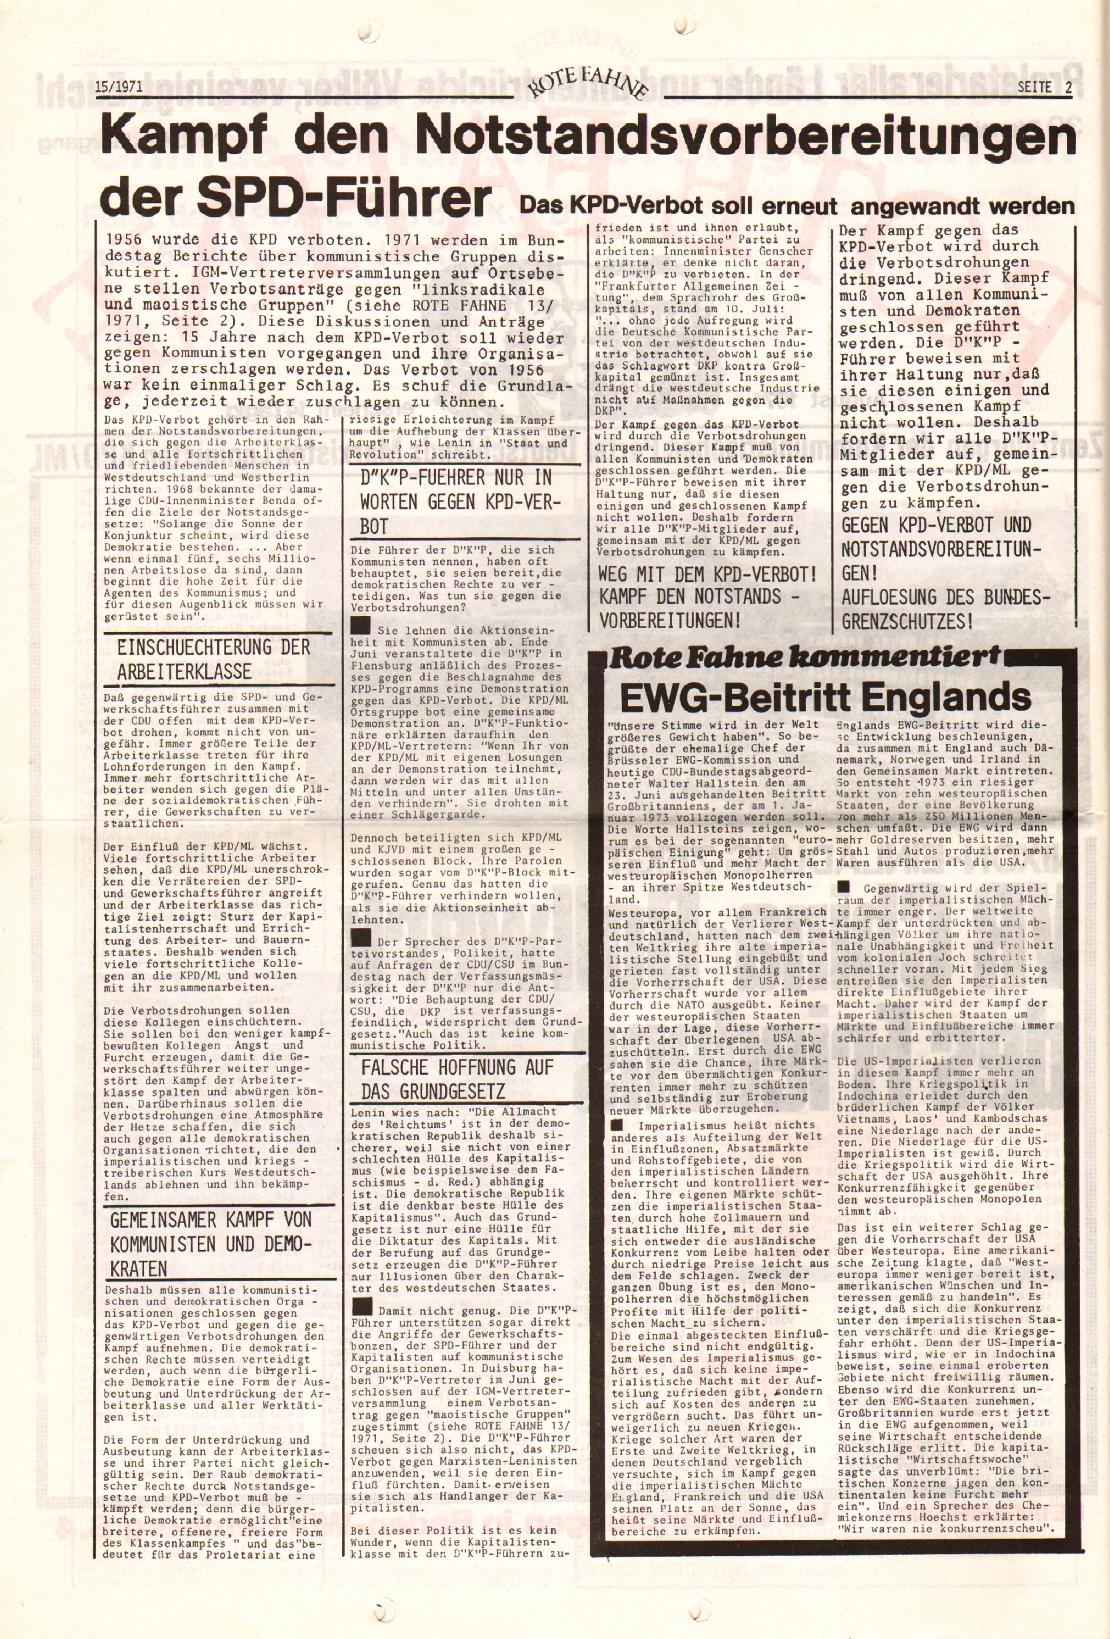 Rote Fahne, 2. Jg., 2.8.1971, Nr. 15, Seite 2